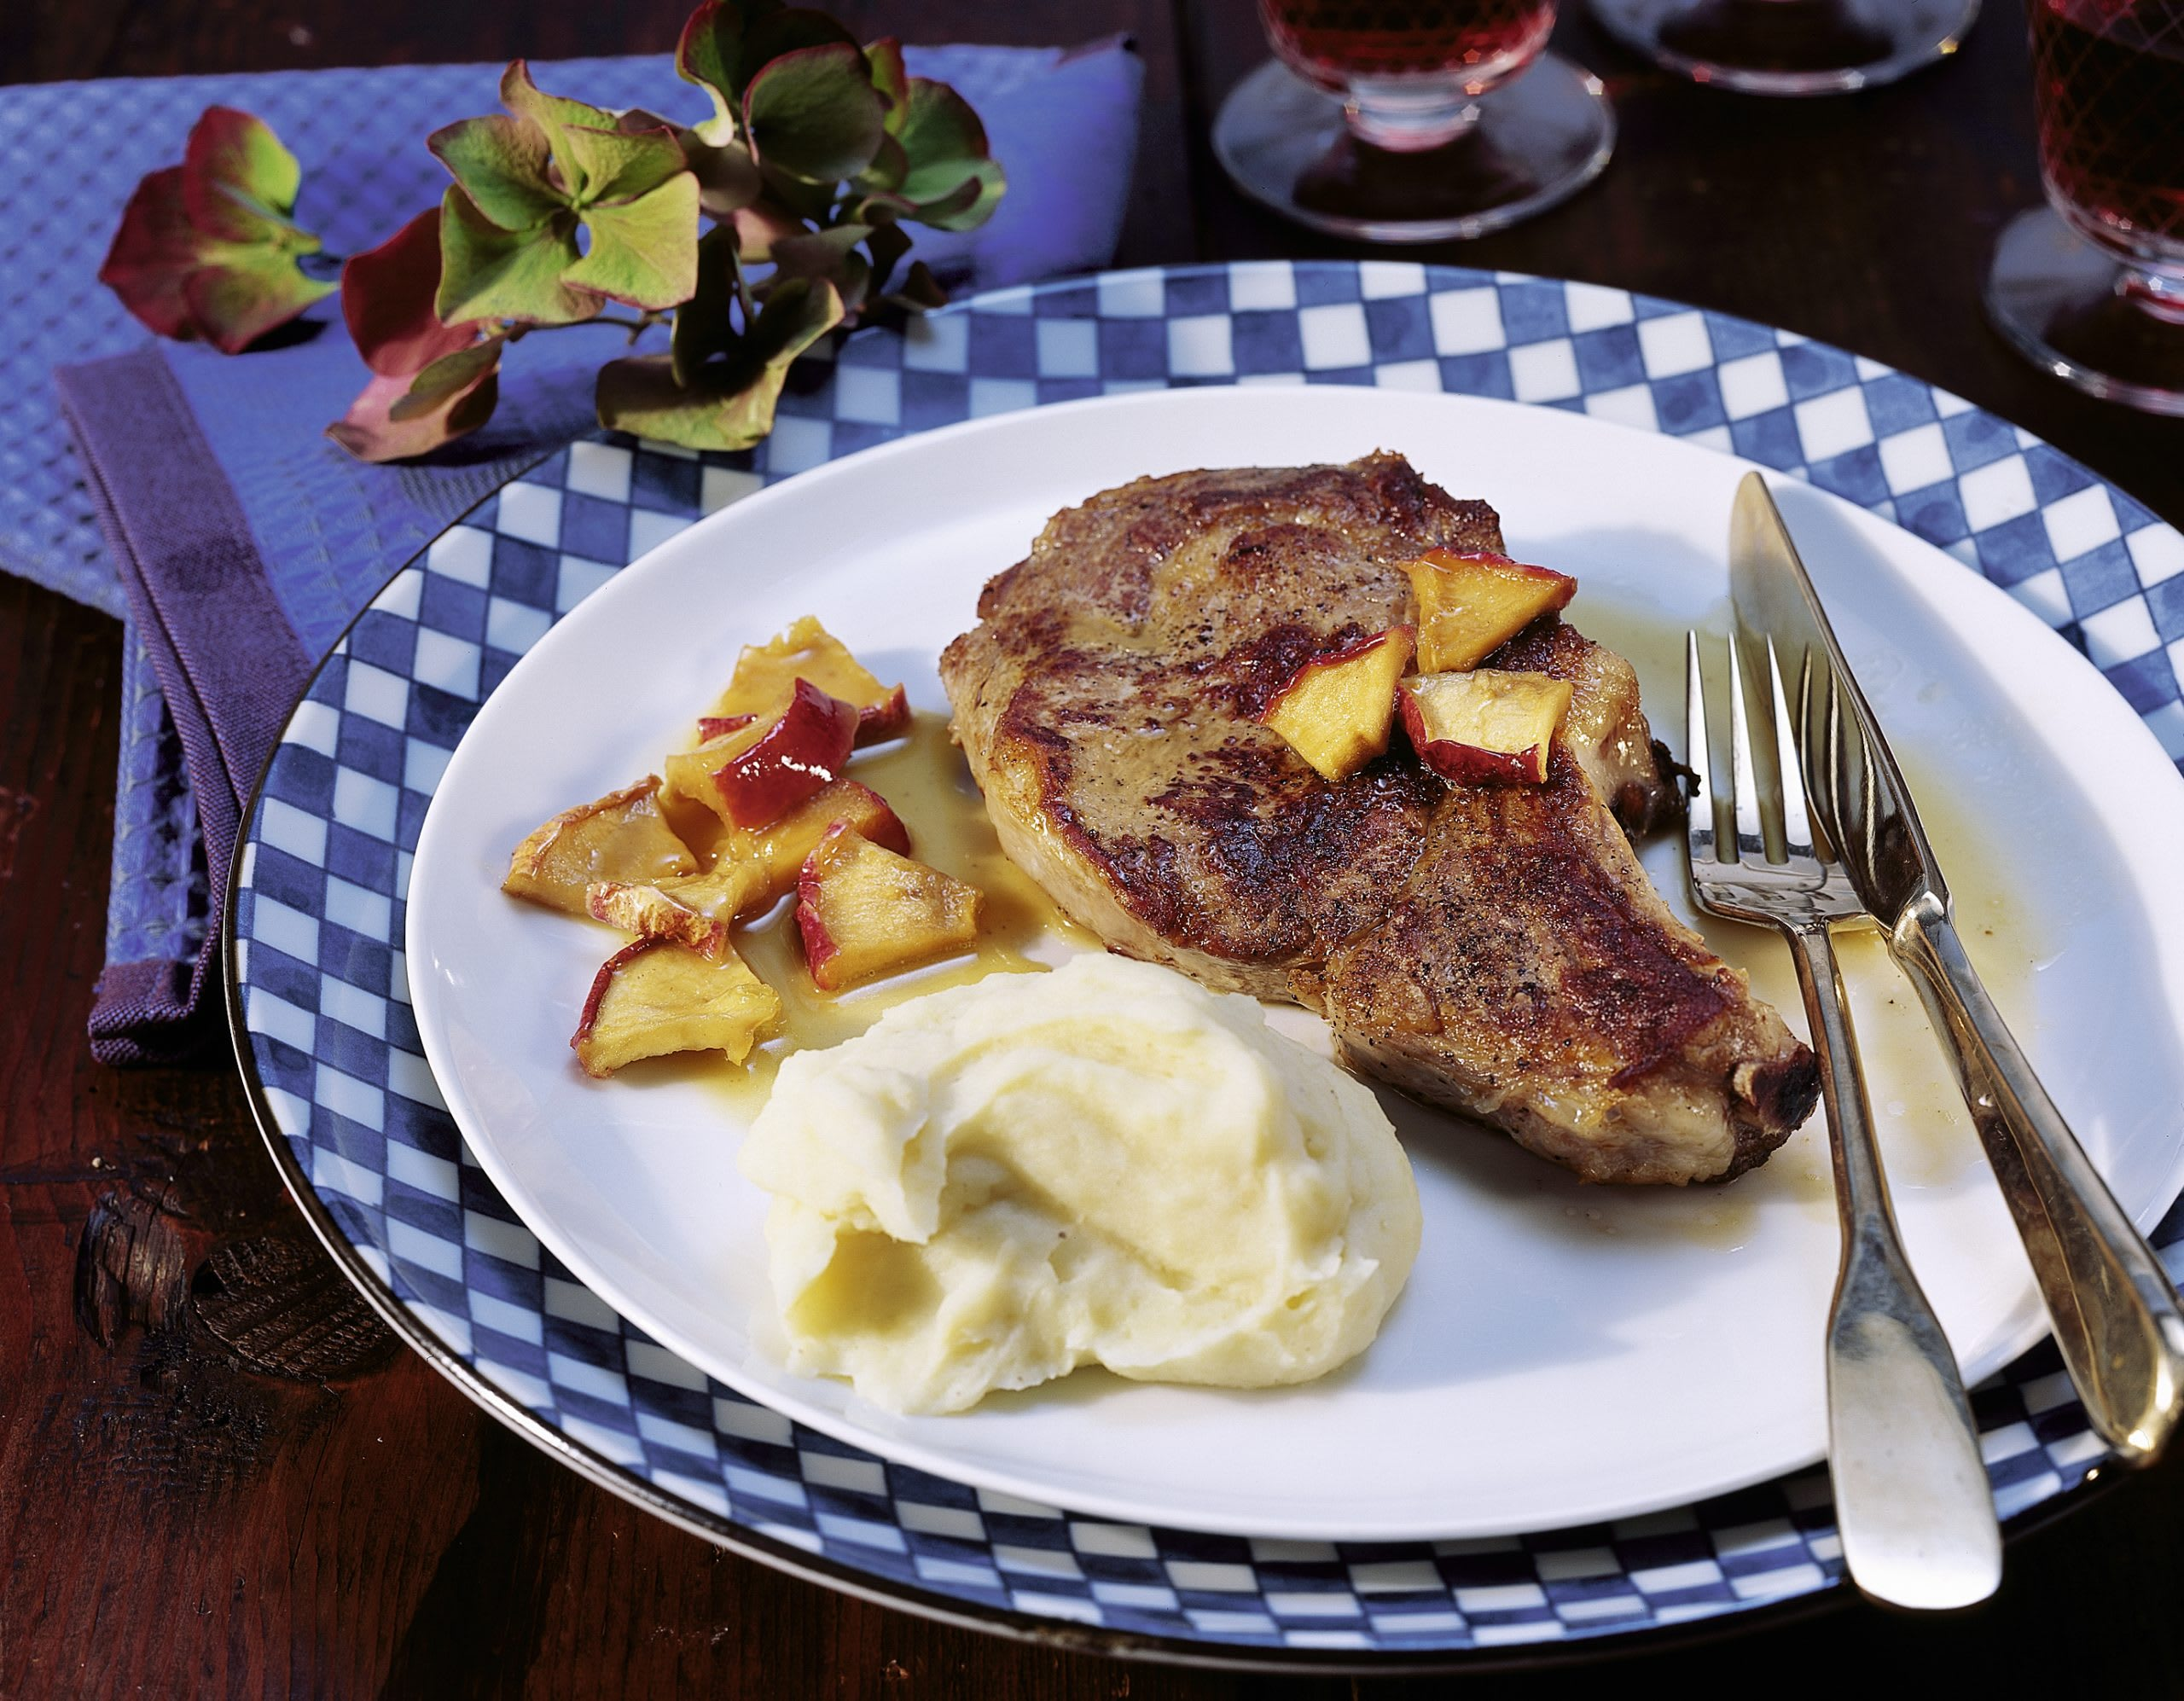 Kalbskoteletts mit Schalotten-Apfel-Sauce